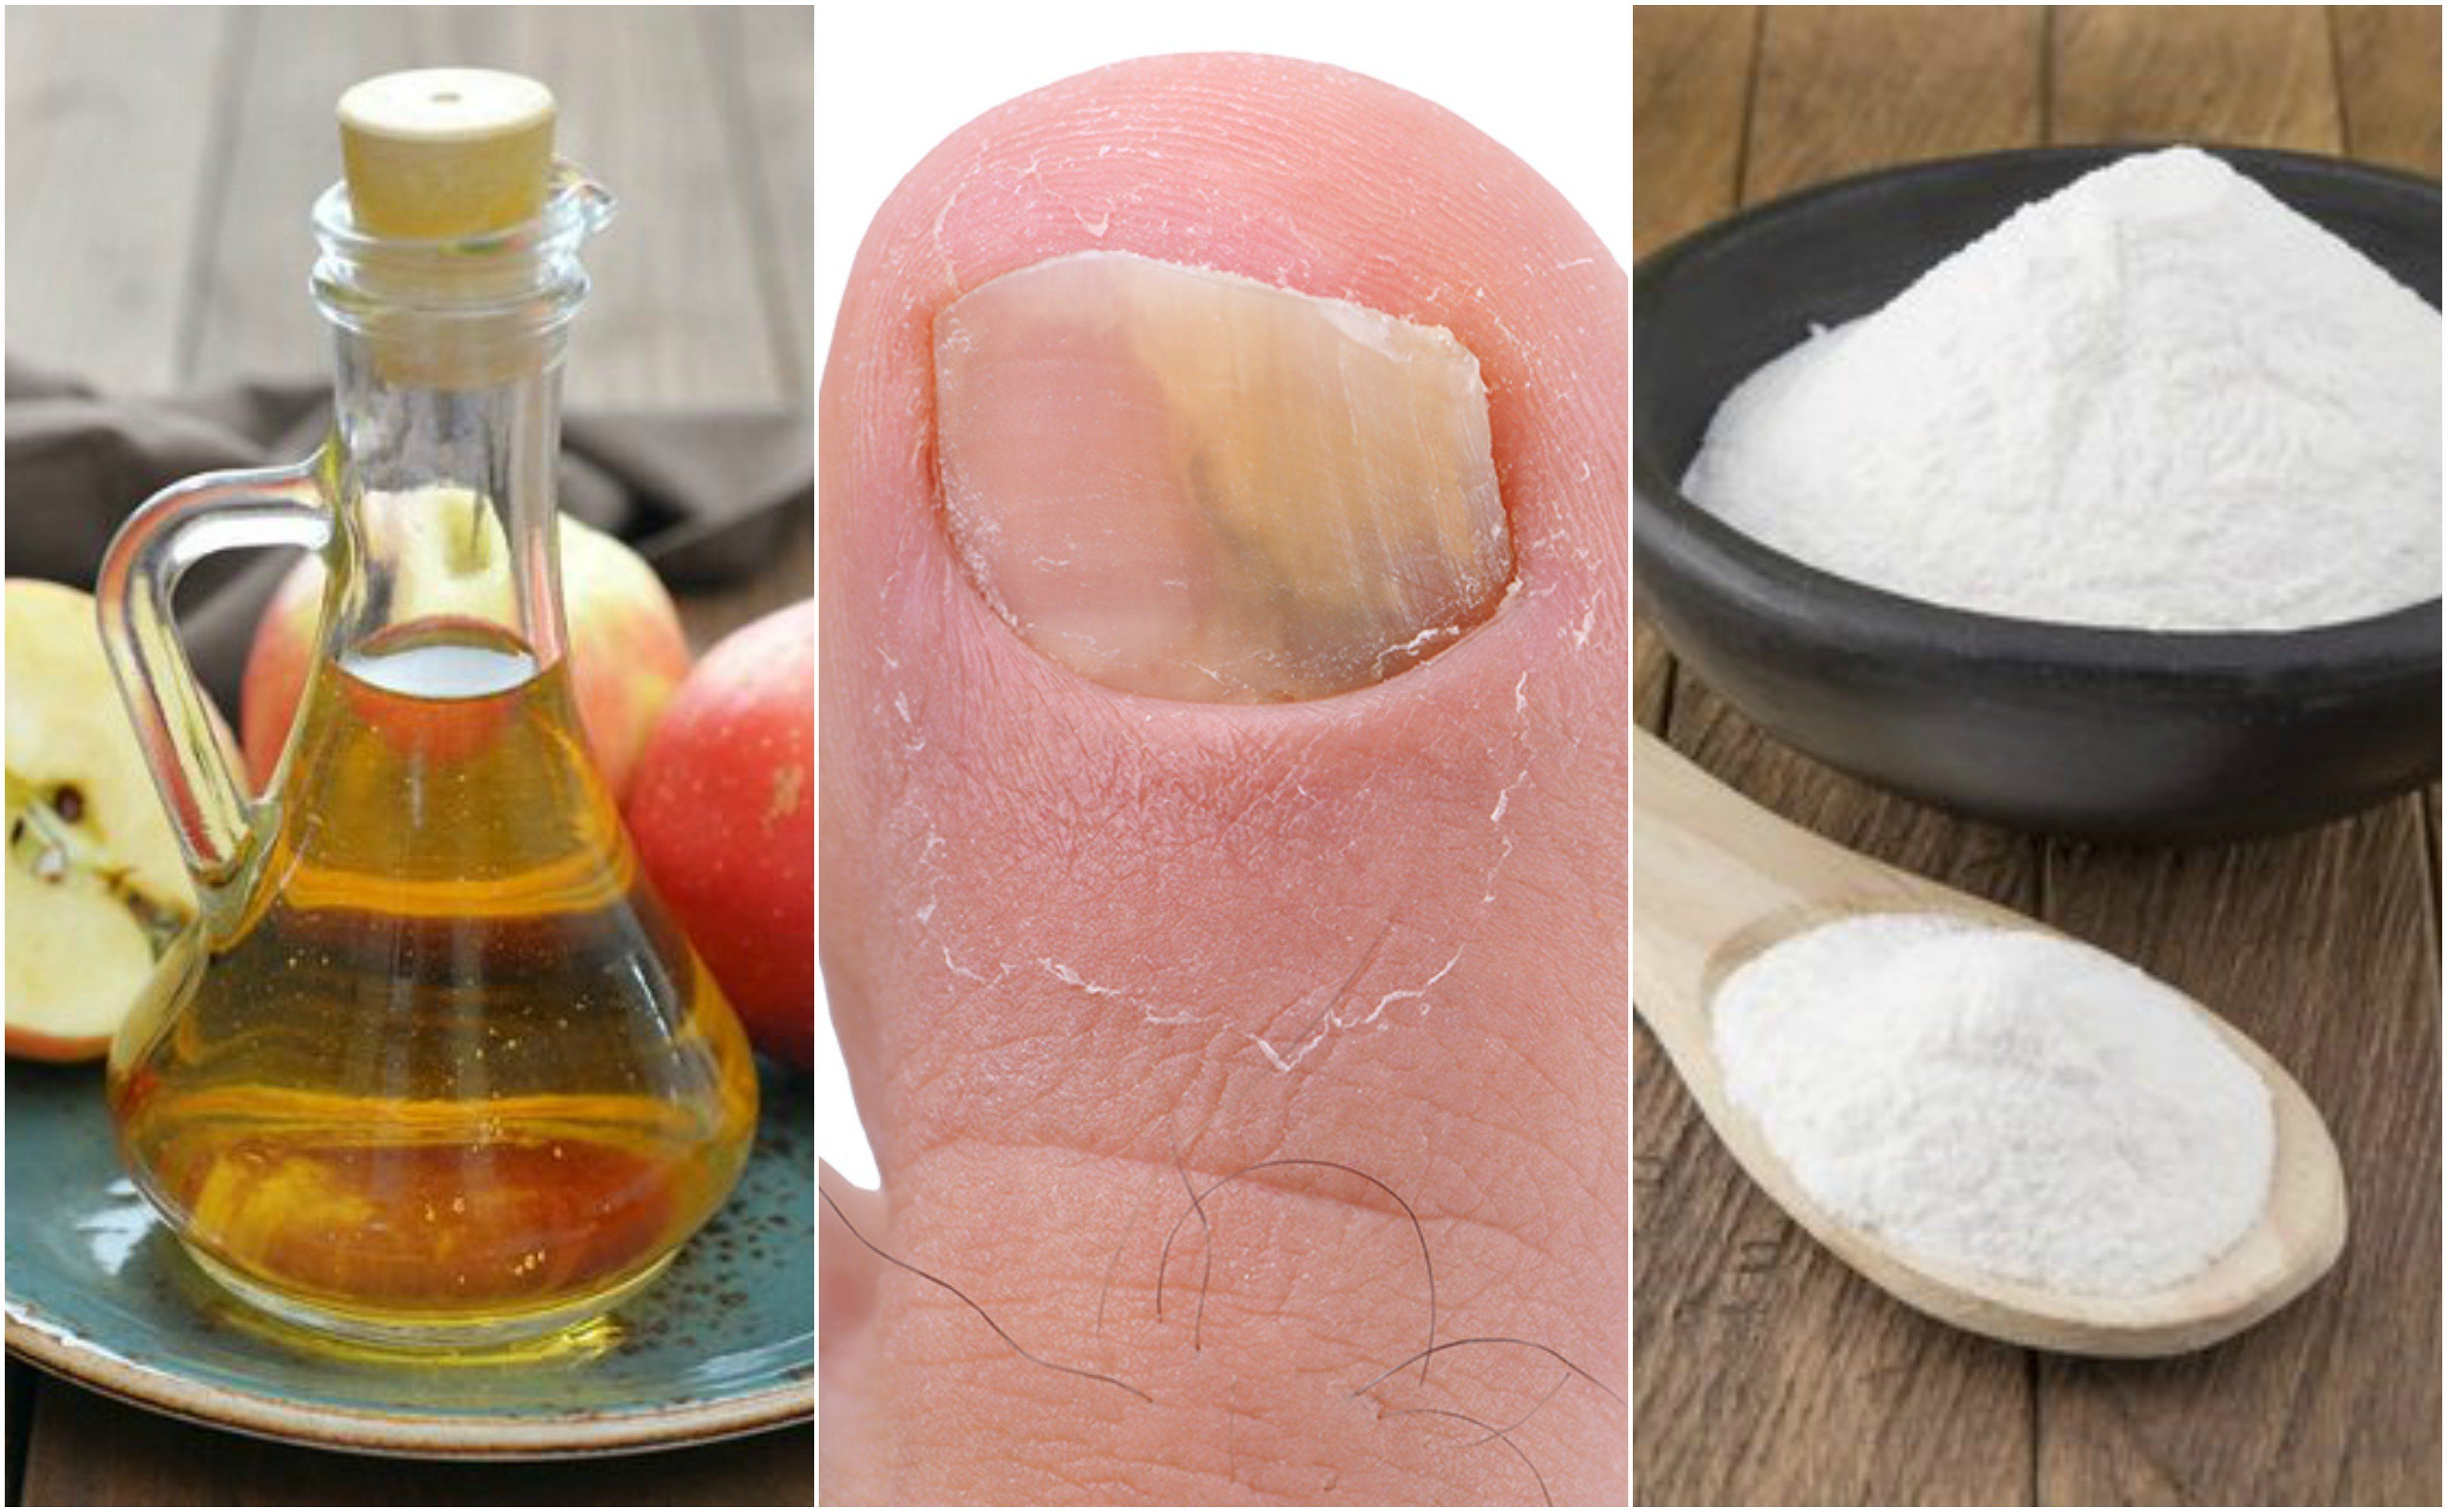 vinagre de manzana para hongos pies